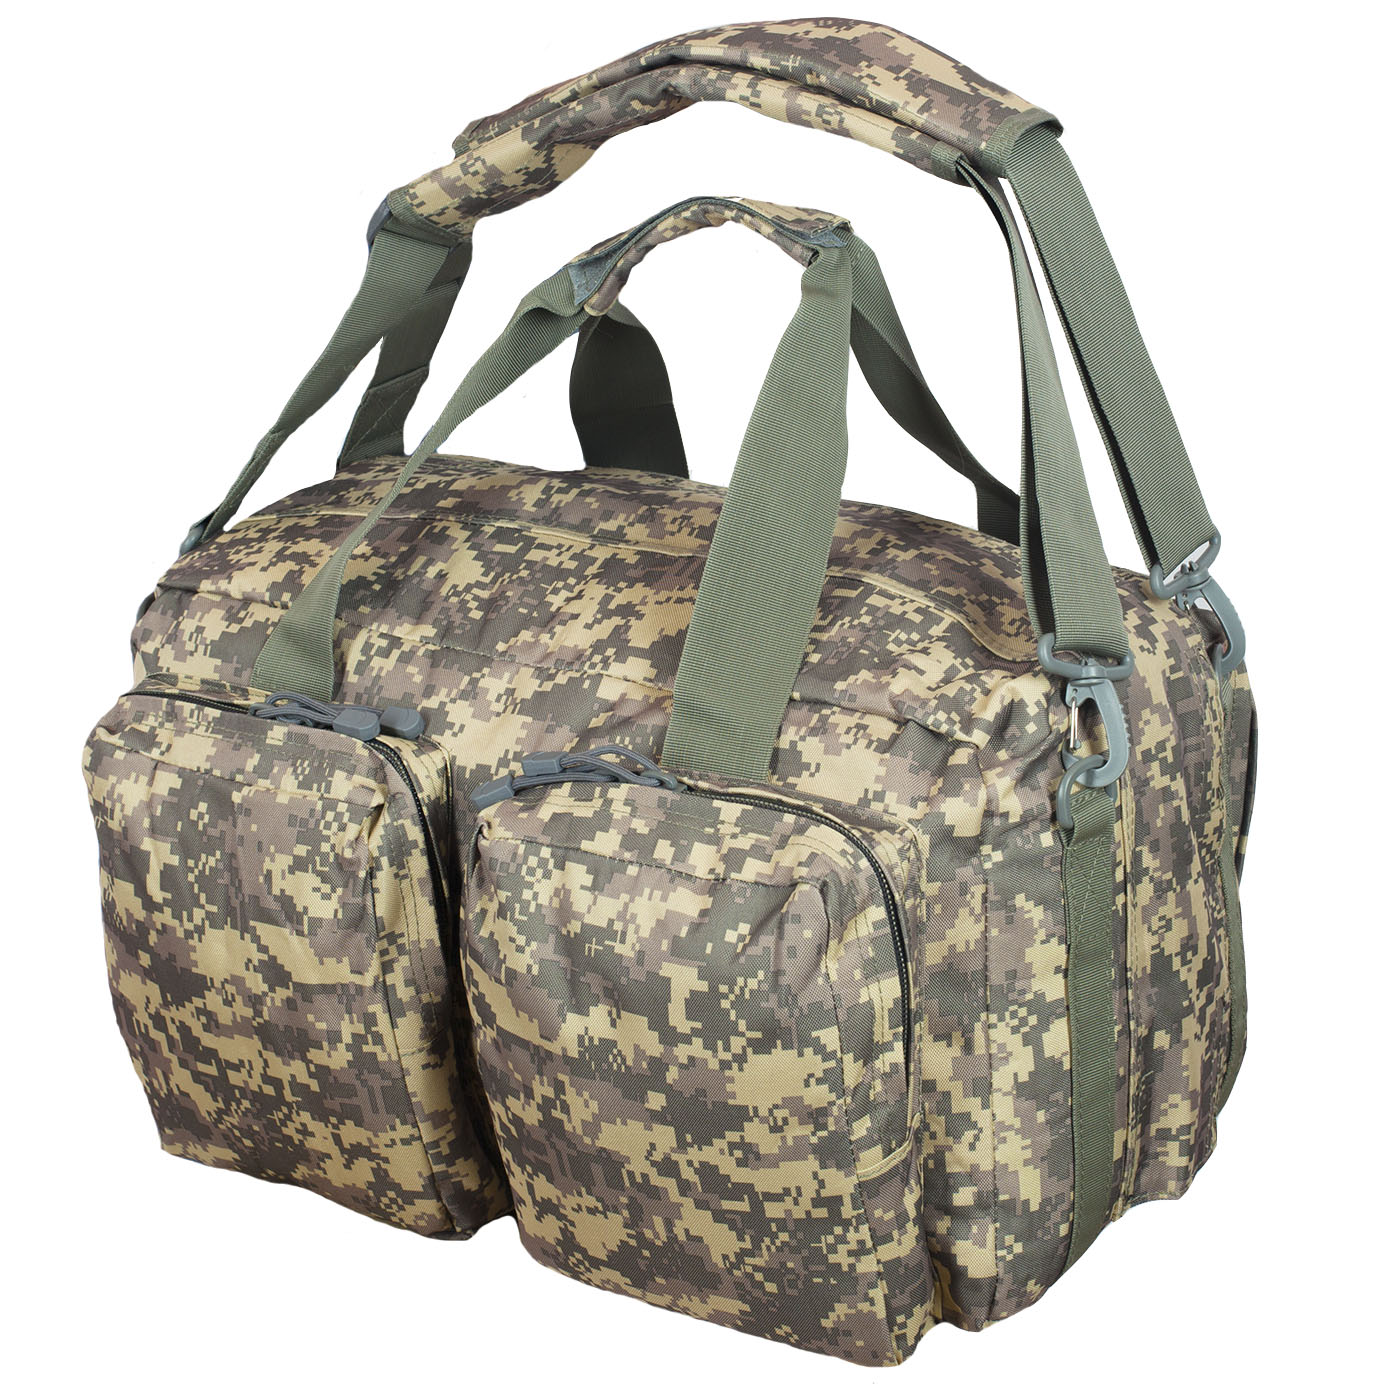 Походная камуфляжная сумка-рюкзак Ни пуха, Ни пера - заказать с доставкой